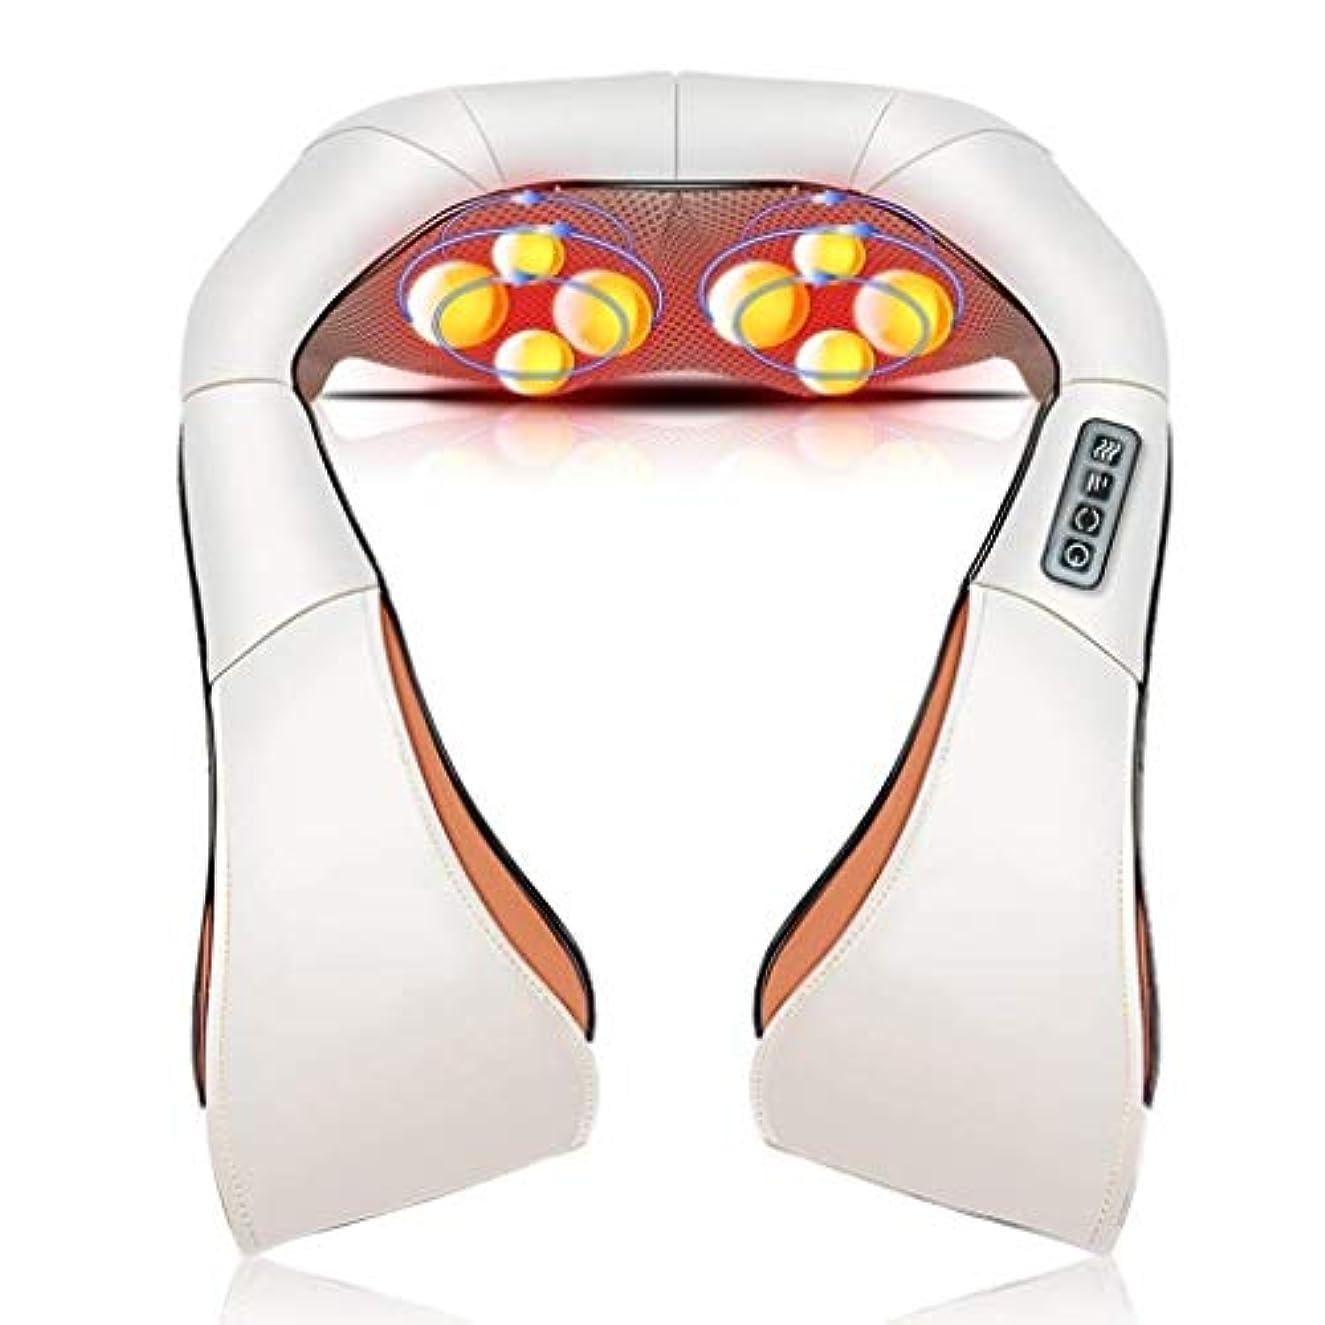 のために出費直感電動ネックマッサージ、多機能加熱/振動マッサージ、調節可能な筋力、背中、肩、足、足、痛みの緩和に適しています